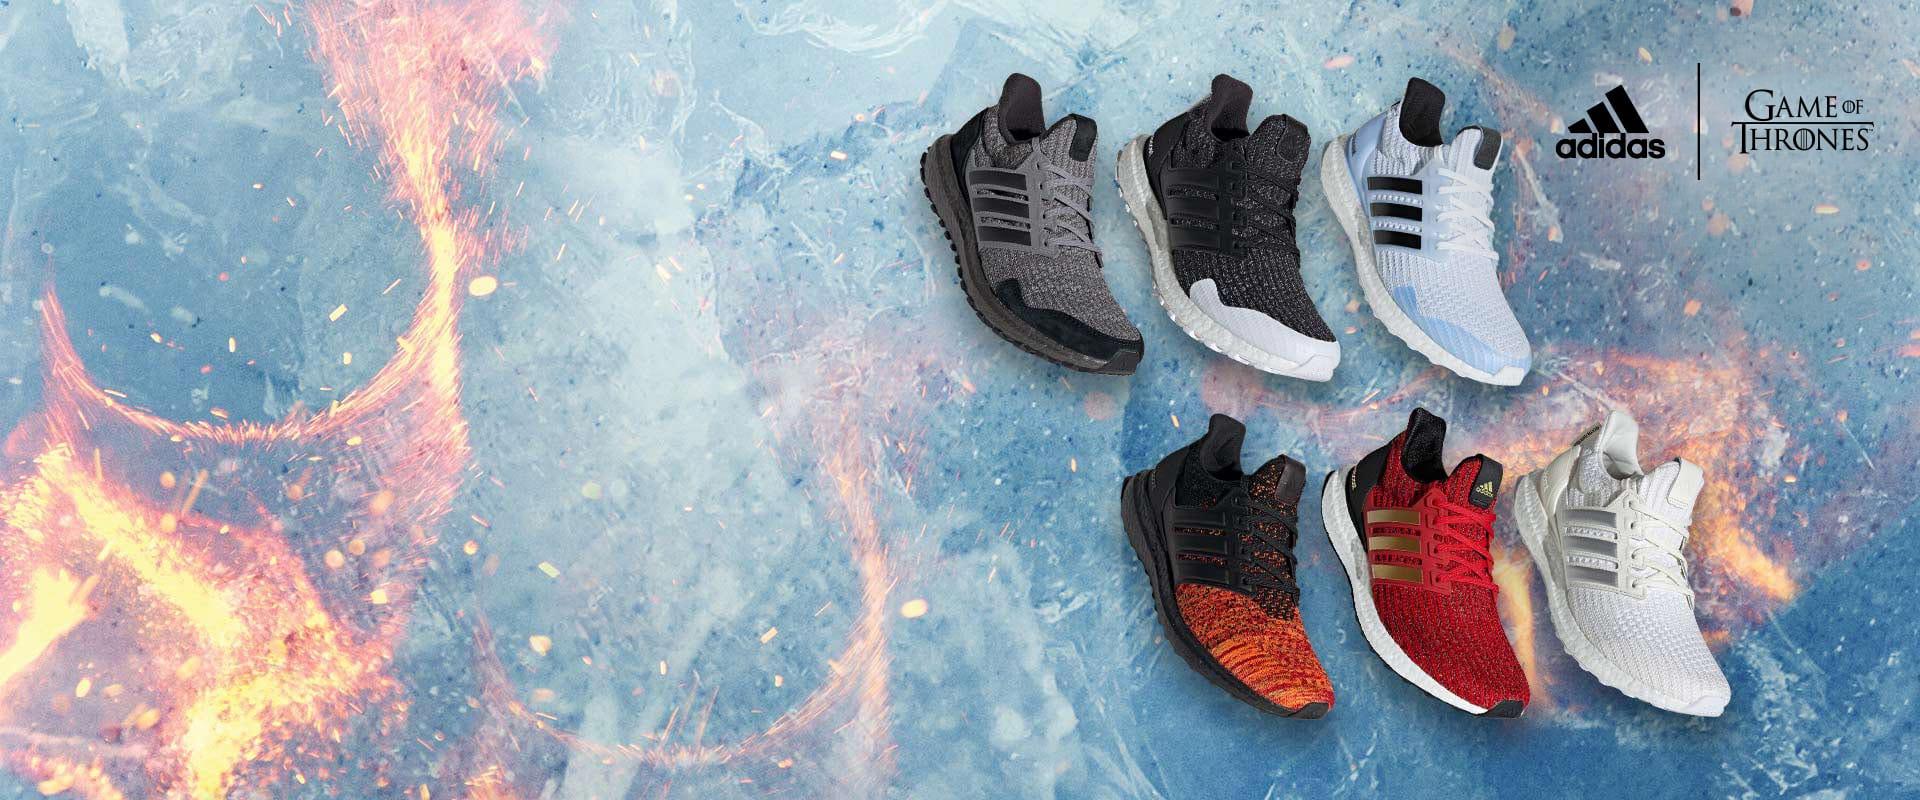 Oficjalna strona i sklep internetowy adidas® 9c3d119af8